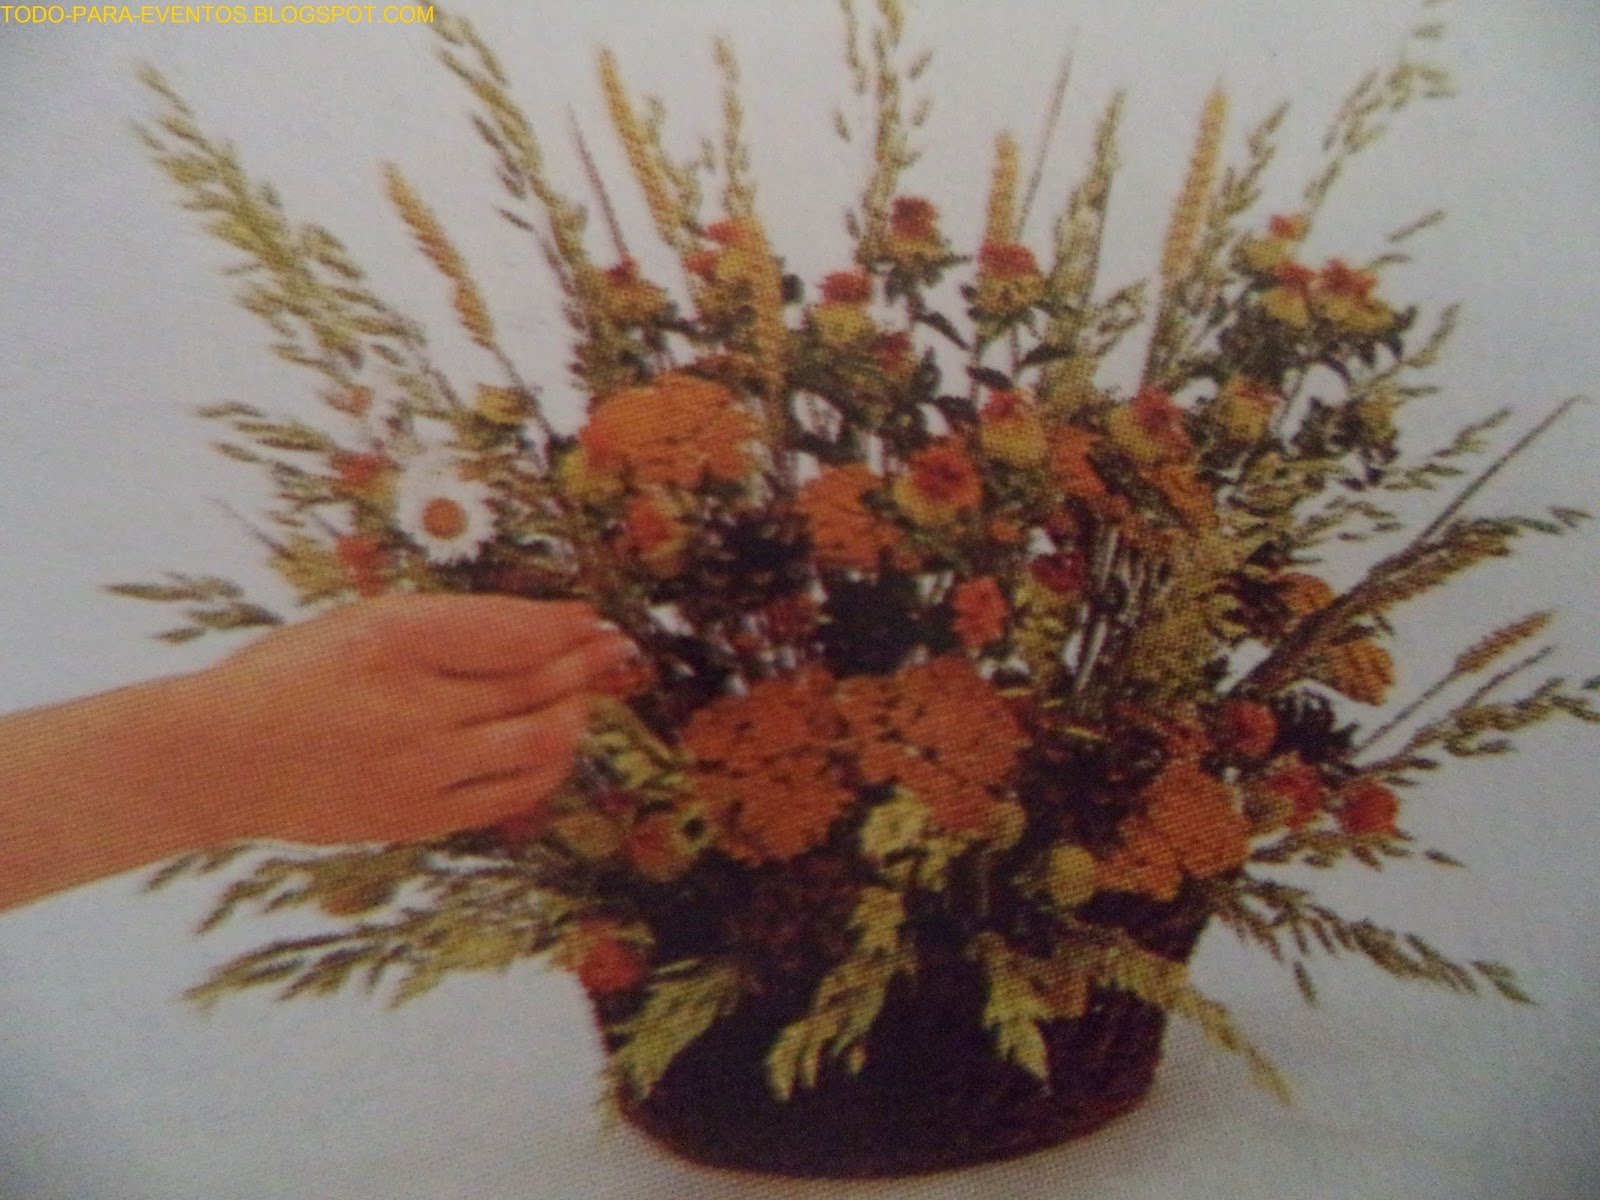 Todo para eventos arreglos de flores secas - Arreglos florales con flores secas ...